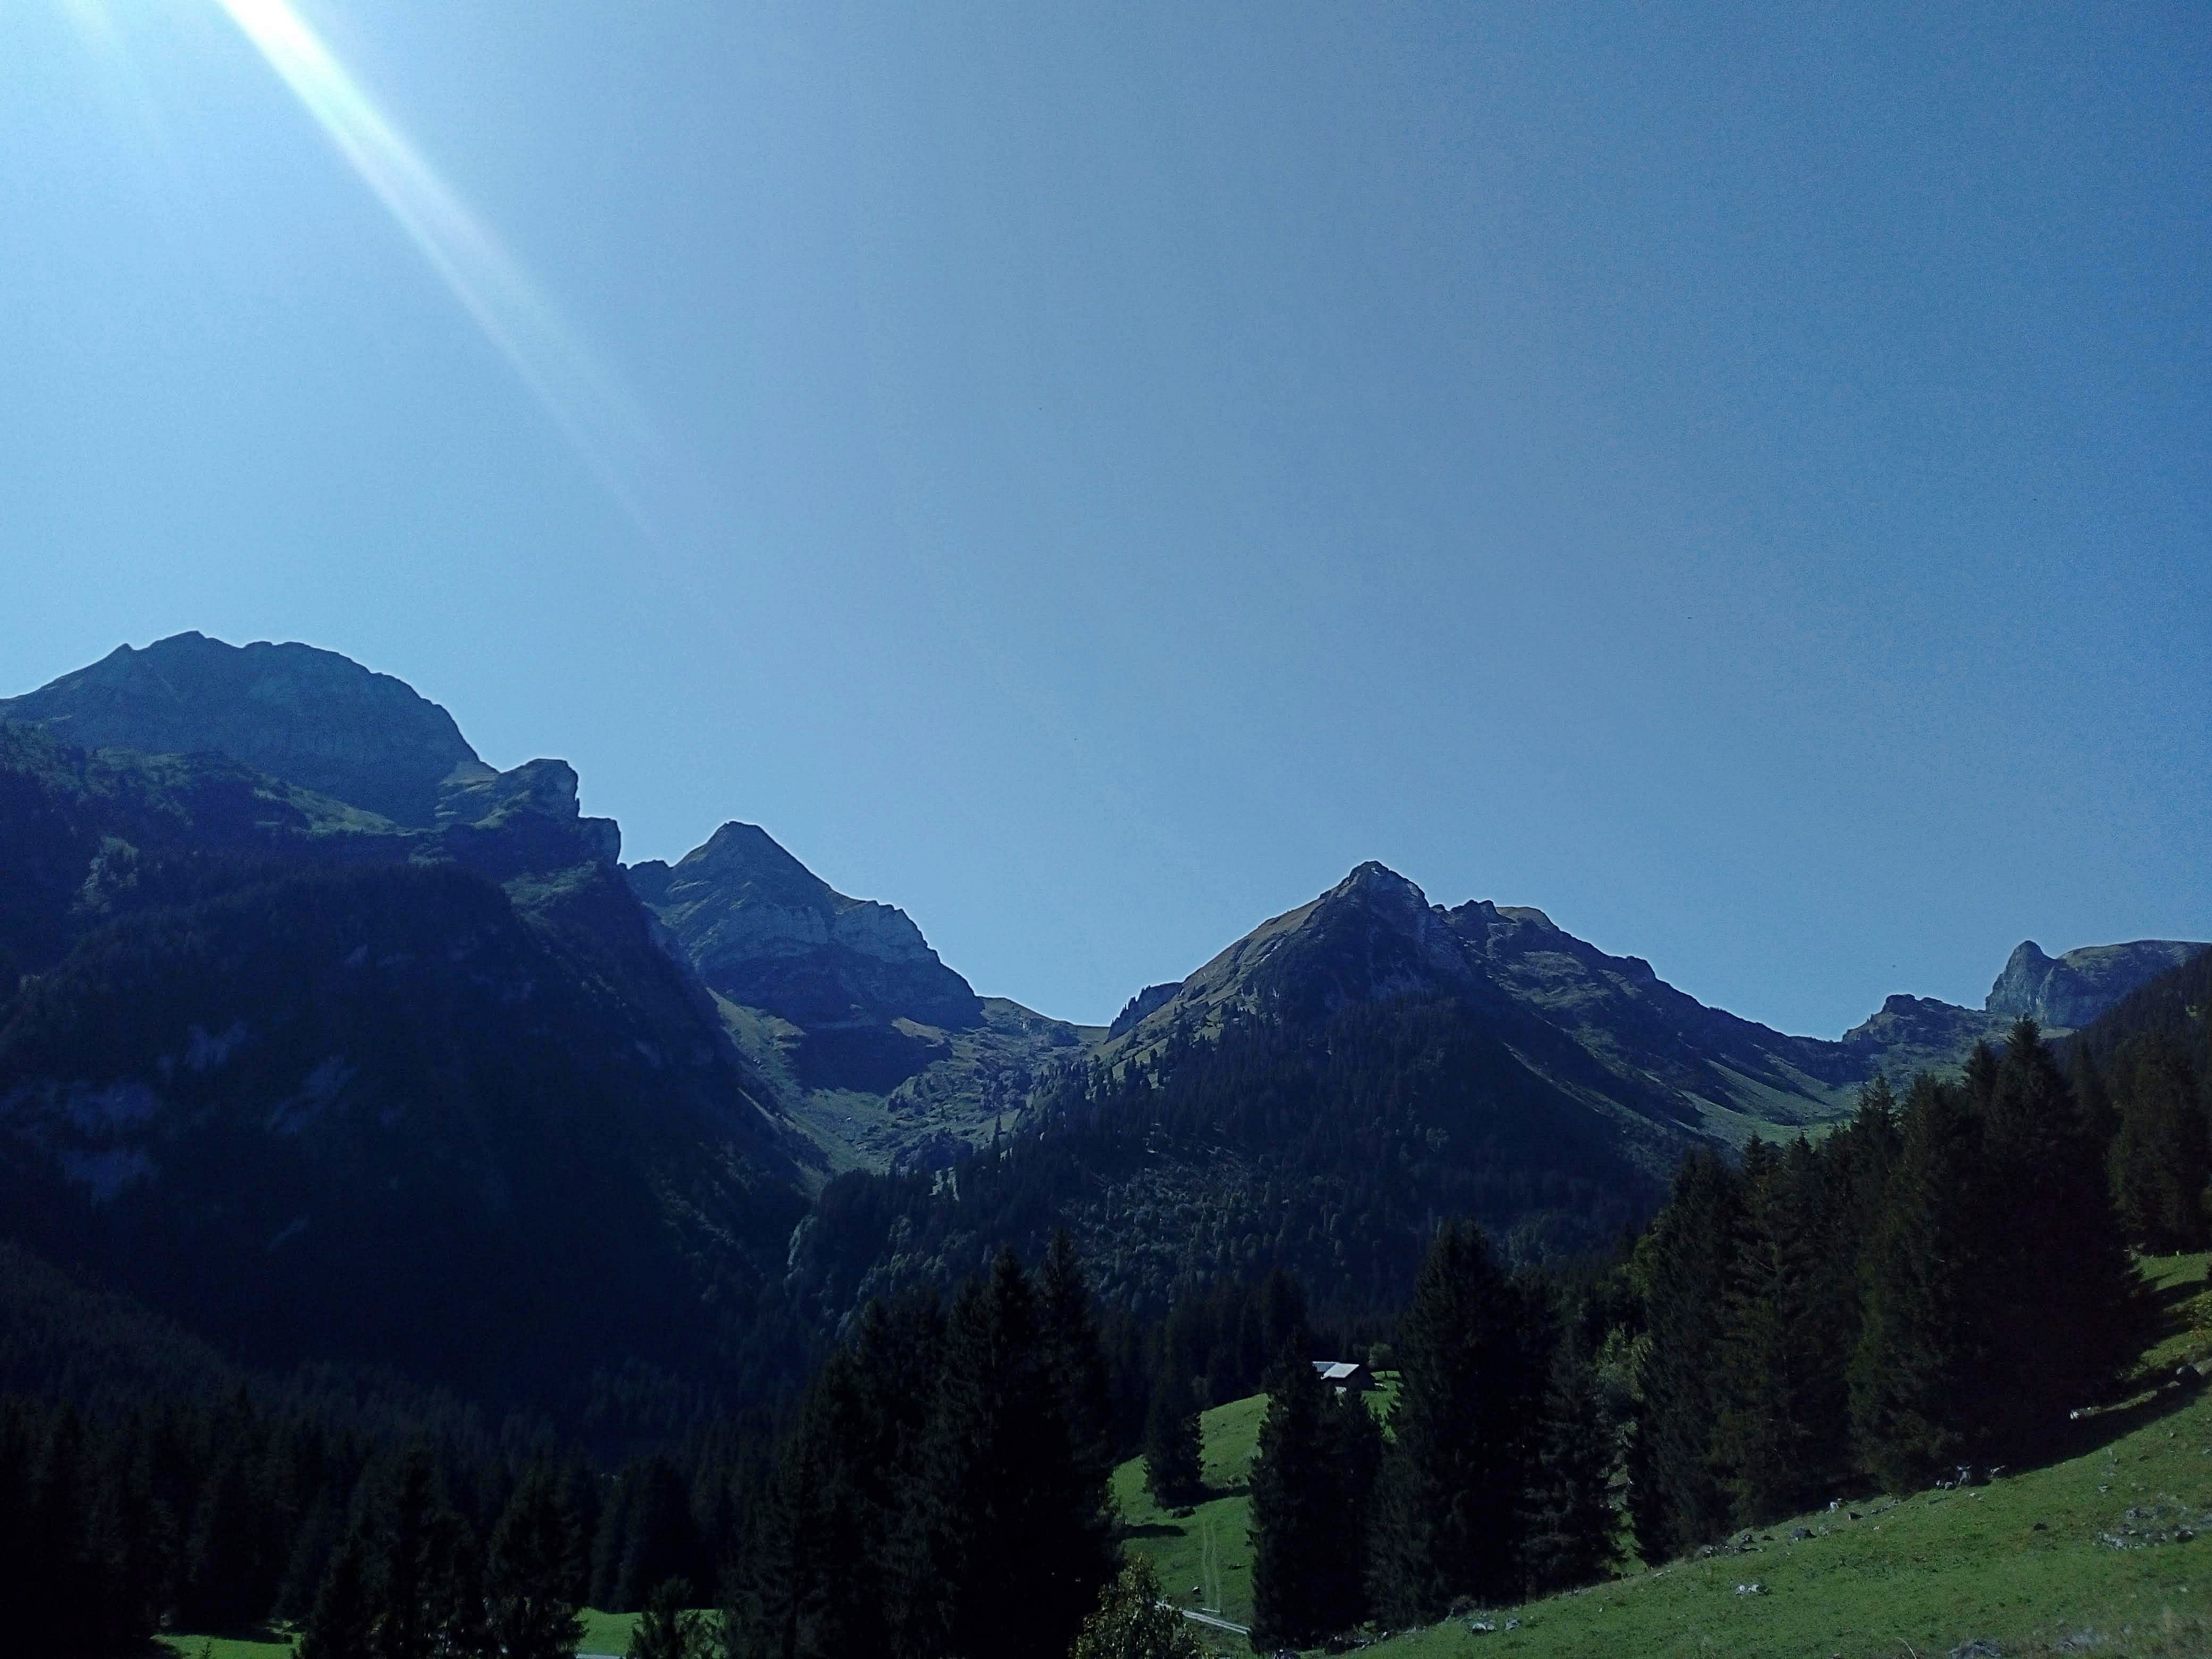 Von links - Gamsberg - Wissi Frauen - Alp Ober Stofel - Sichelchamm - Platten